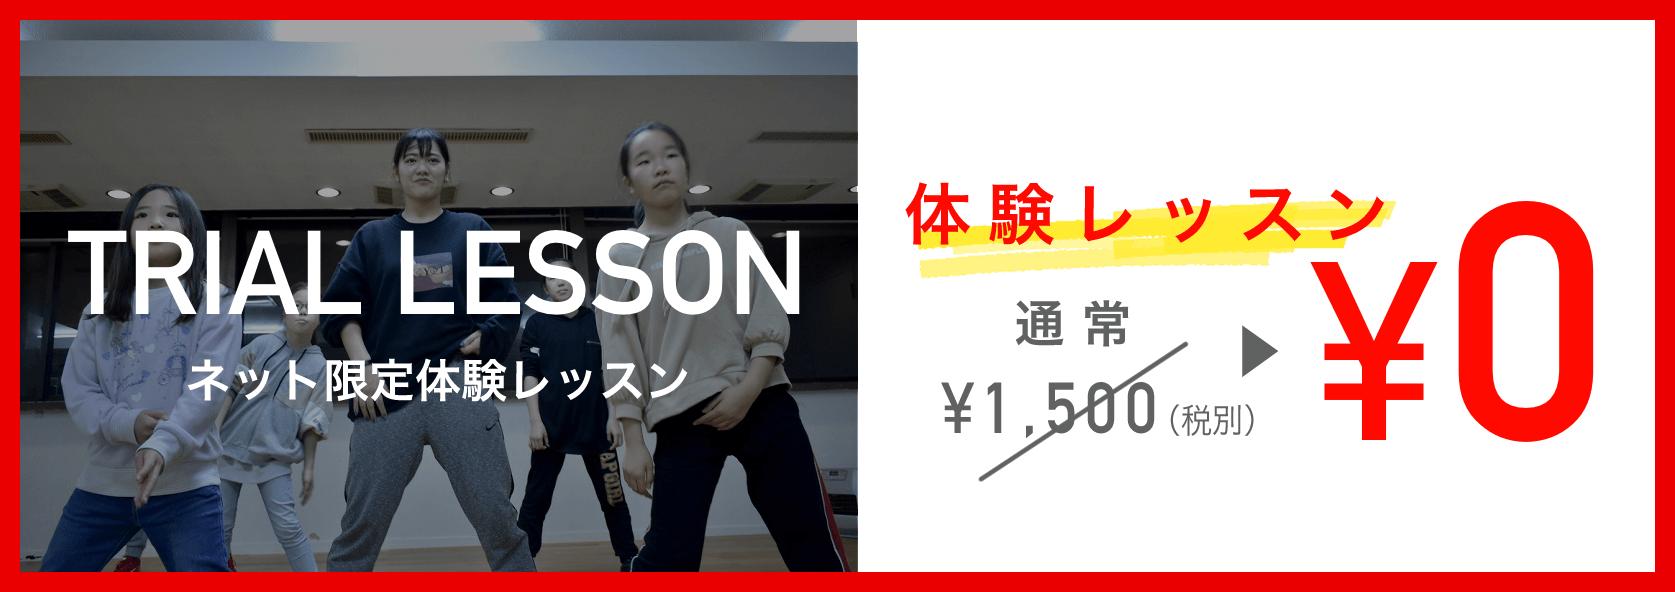 ネット限定キャンペーン 体験レッスン0円